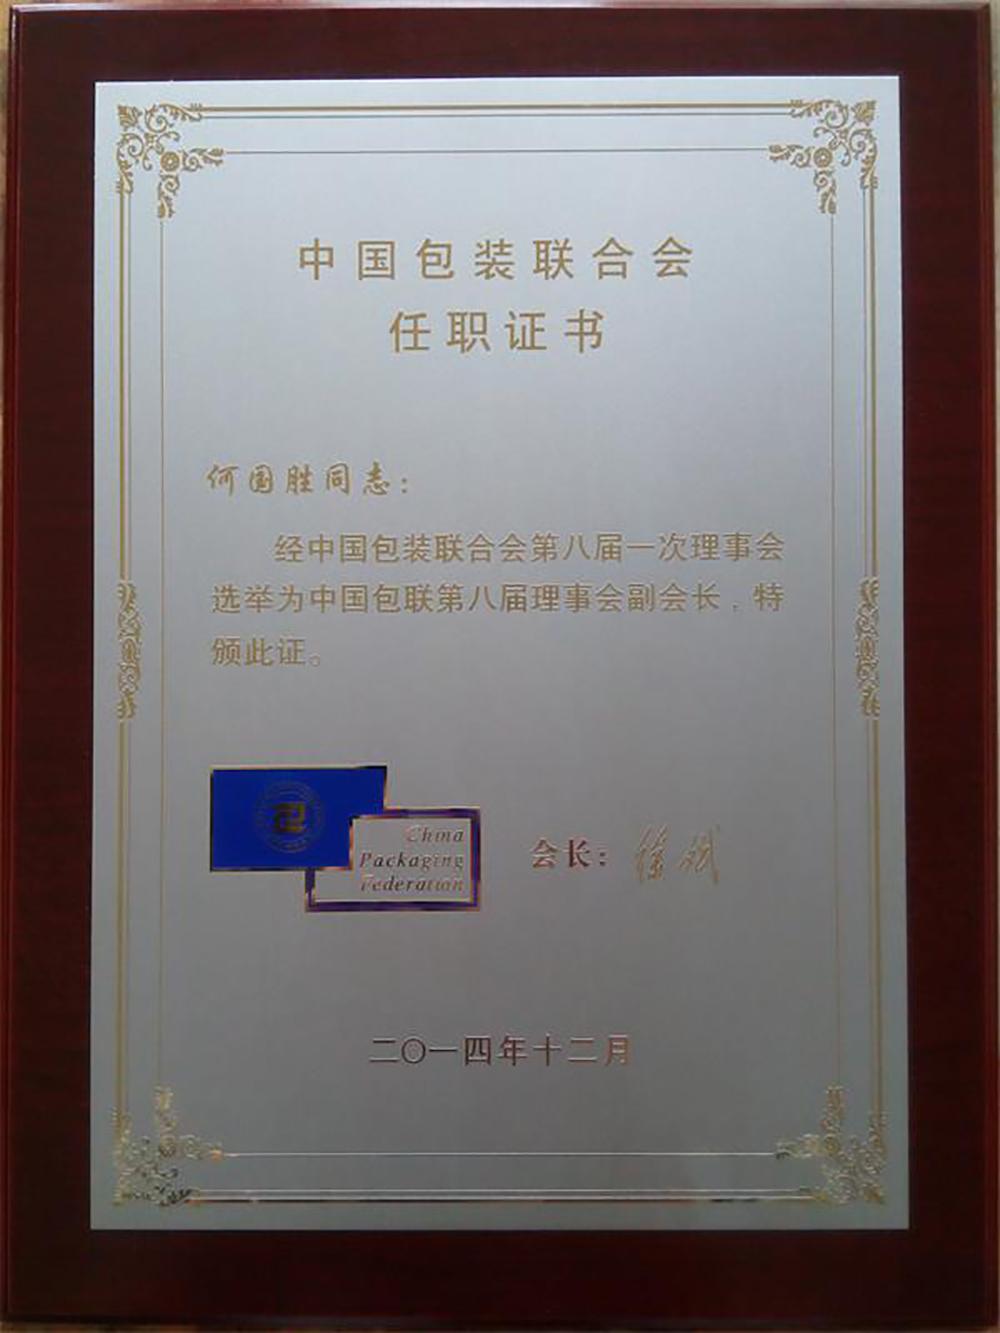 2014包裝聯合會副會長